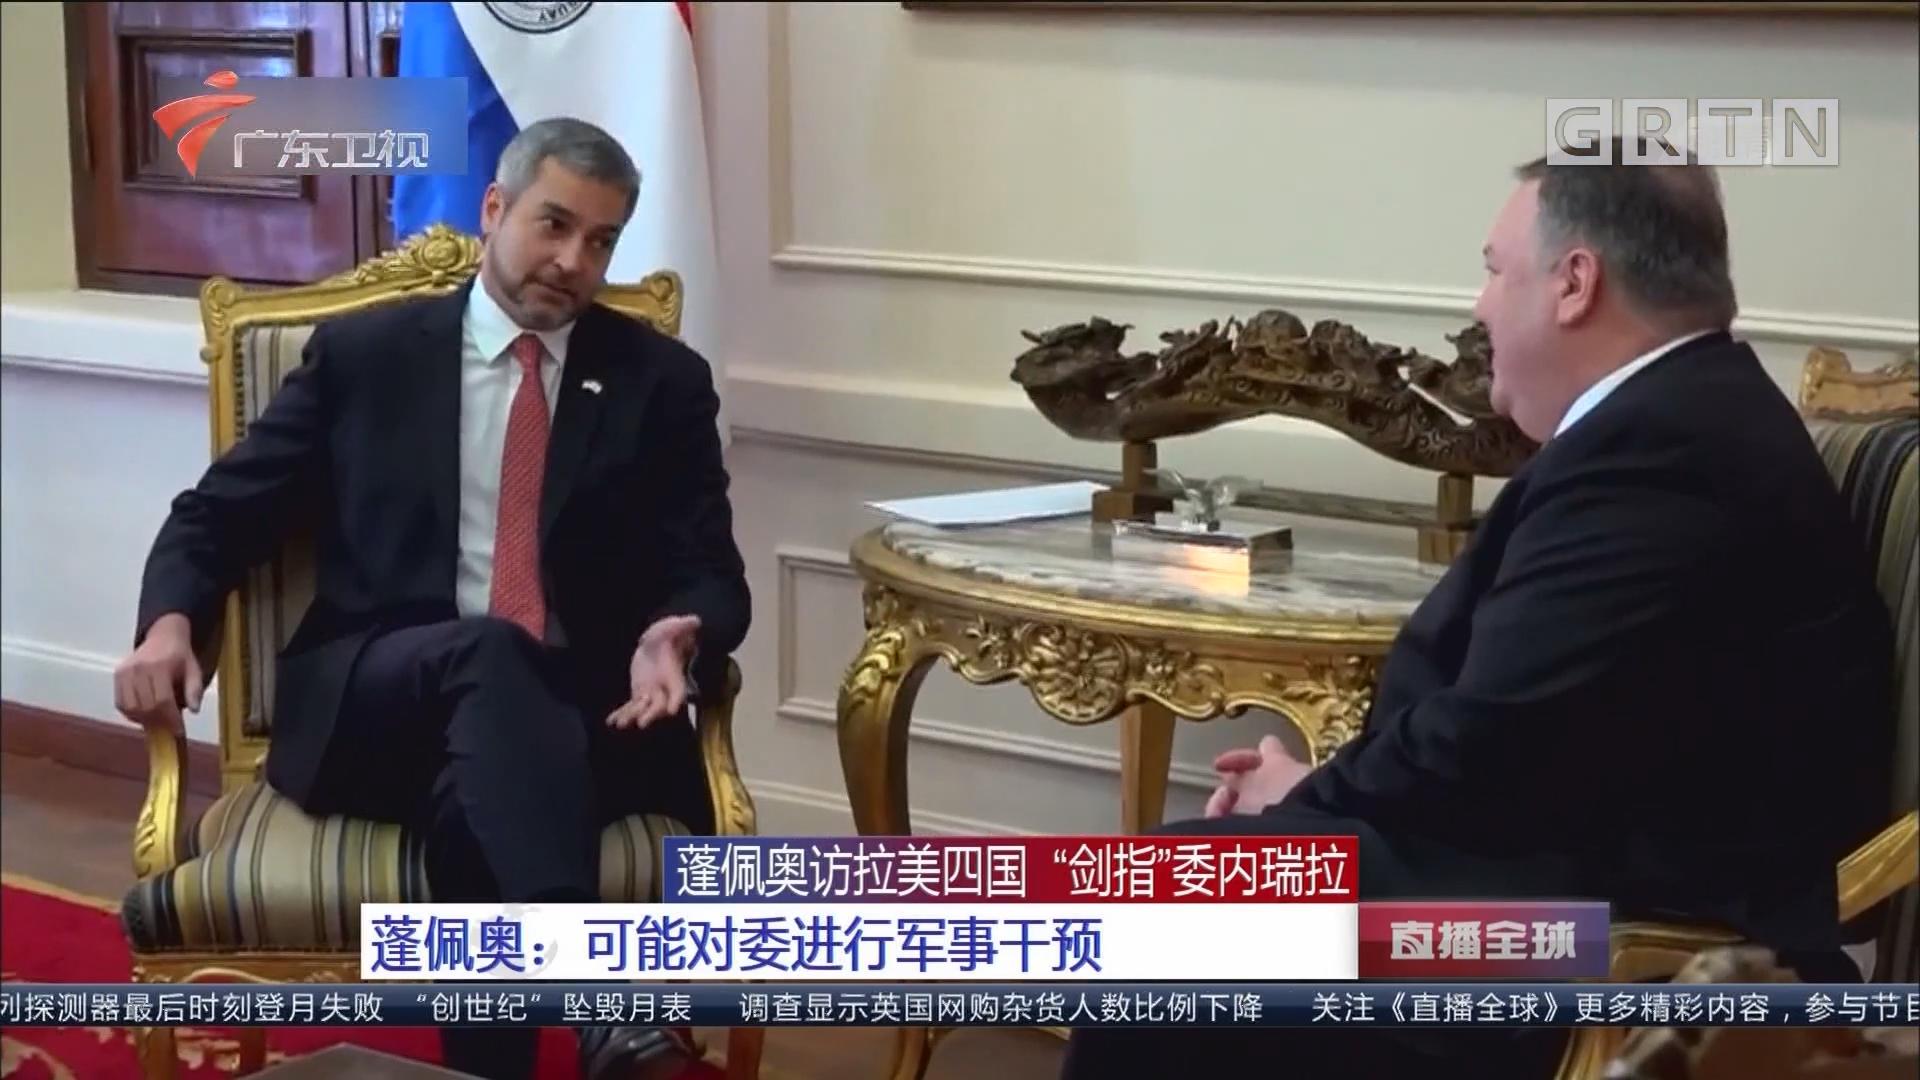 """蓬佩奥访拉美四国 """"剑指""""委内瑞拉 蓬佩奥:可能对委进行军事干预"""